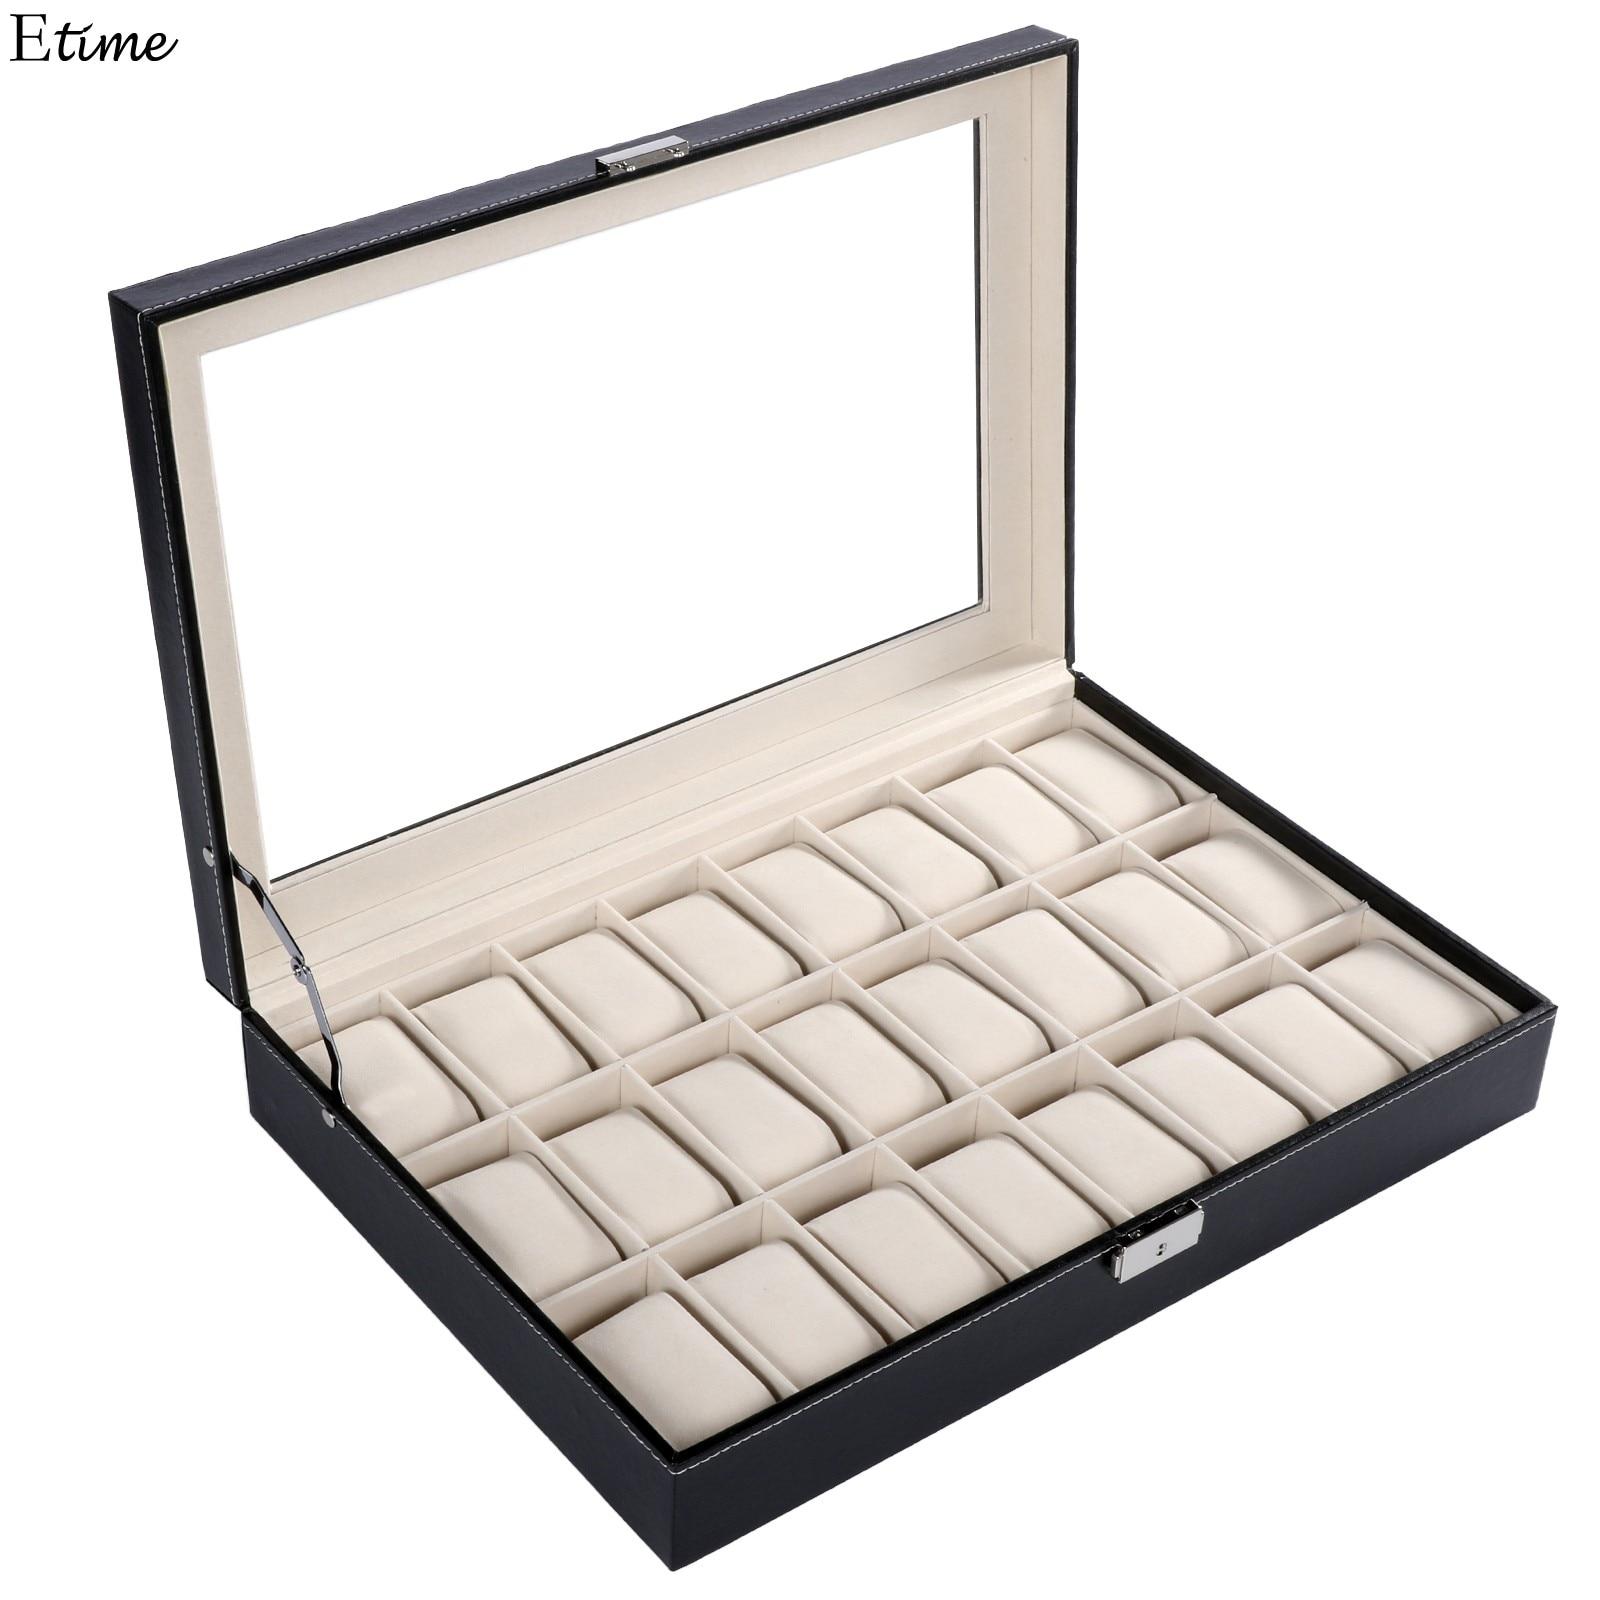 FANALA 24 Grid Watch Box Caja de exhibición de reloj de cuero de PU de alta calidad Organizador de almacenamiento de joyas para relojes de pulsera Boite Montre 2018